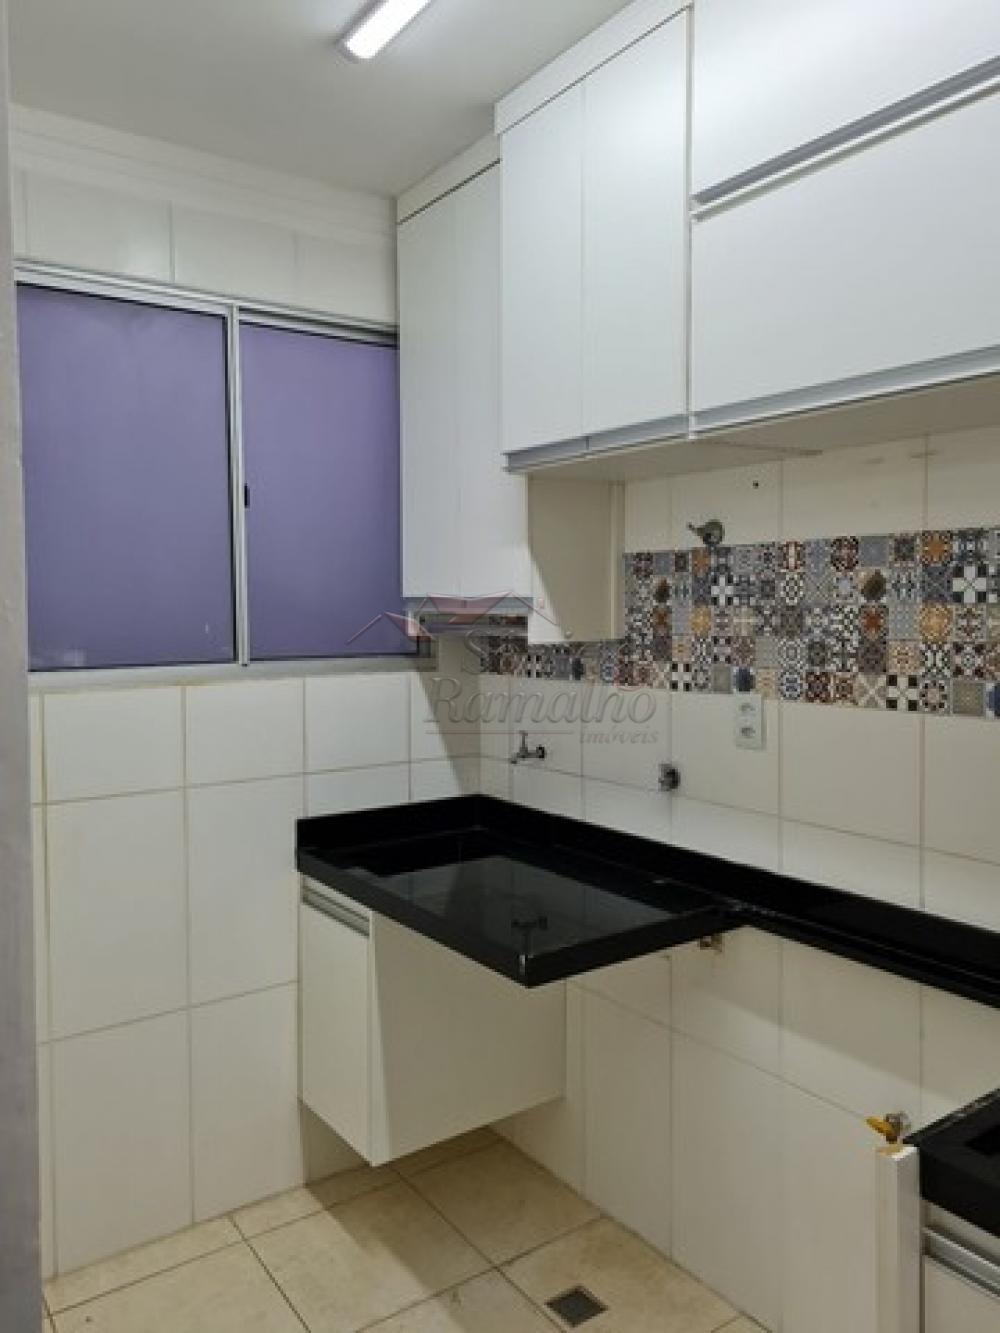 Alugar Apartamentos / Padrão em Ribeirão Preto R$ 1.000,00 - Foto 11